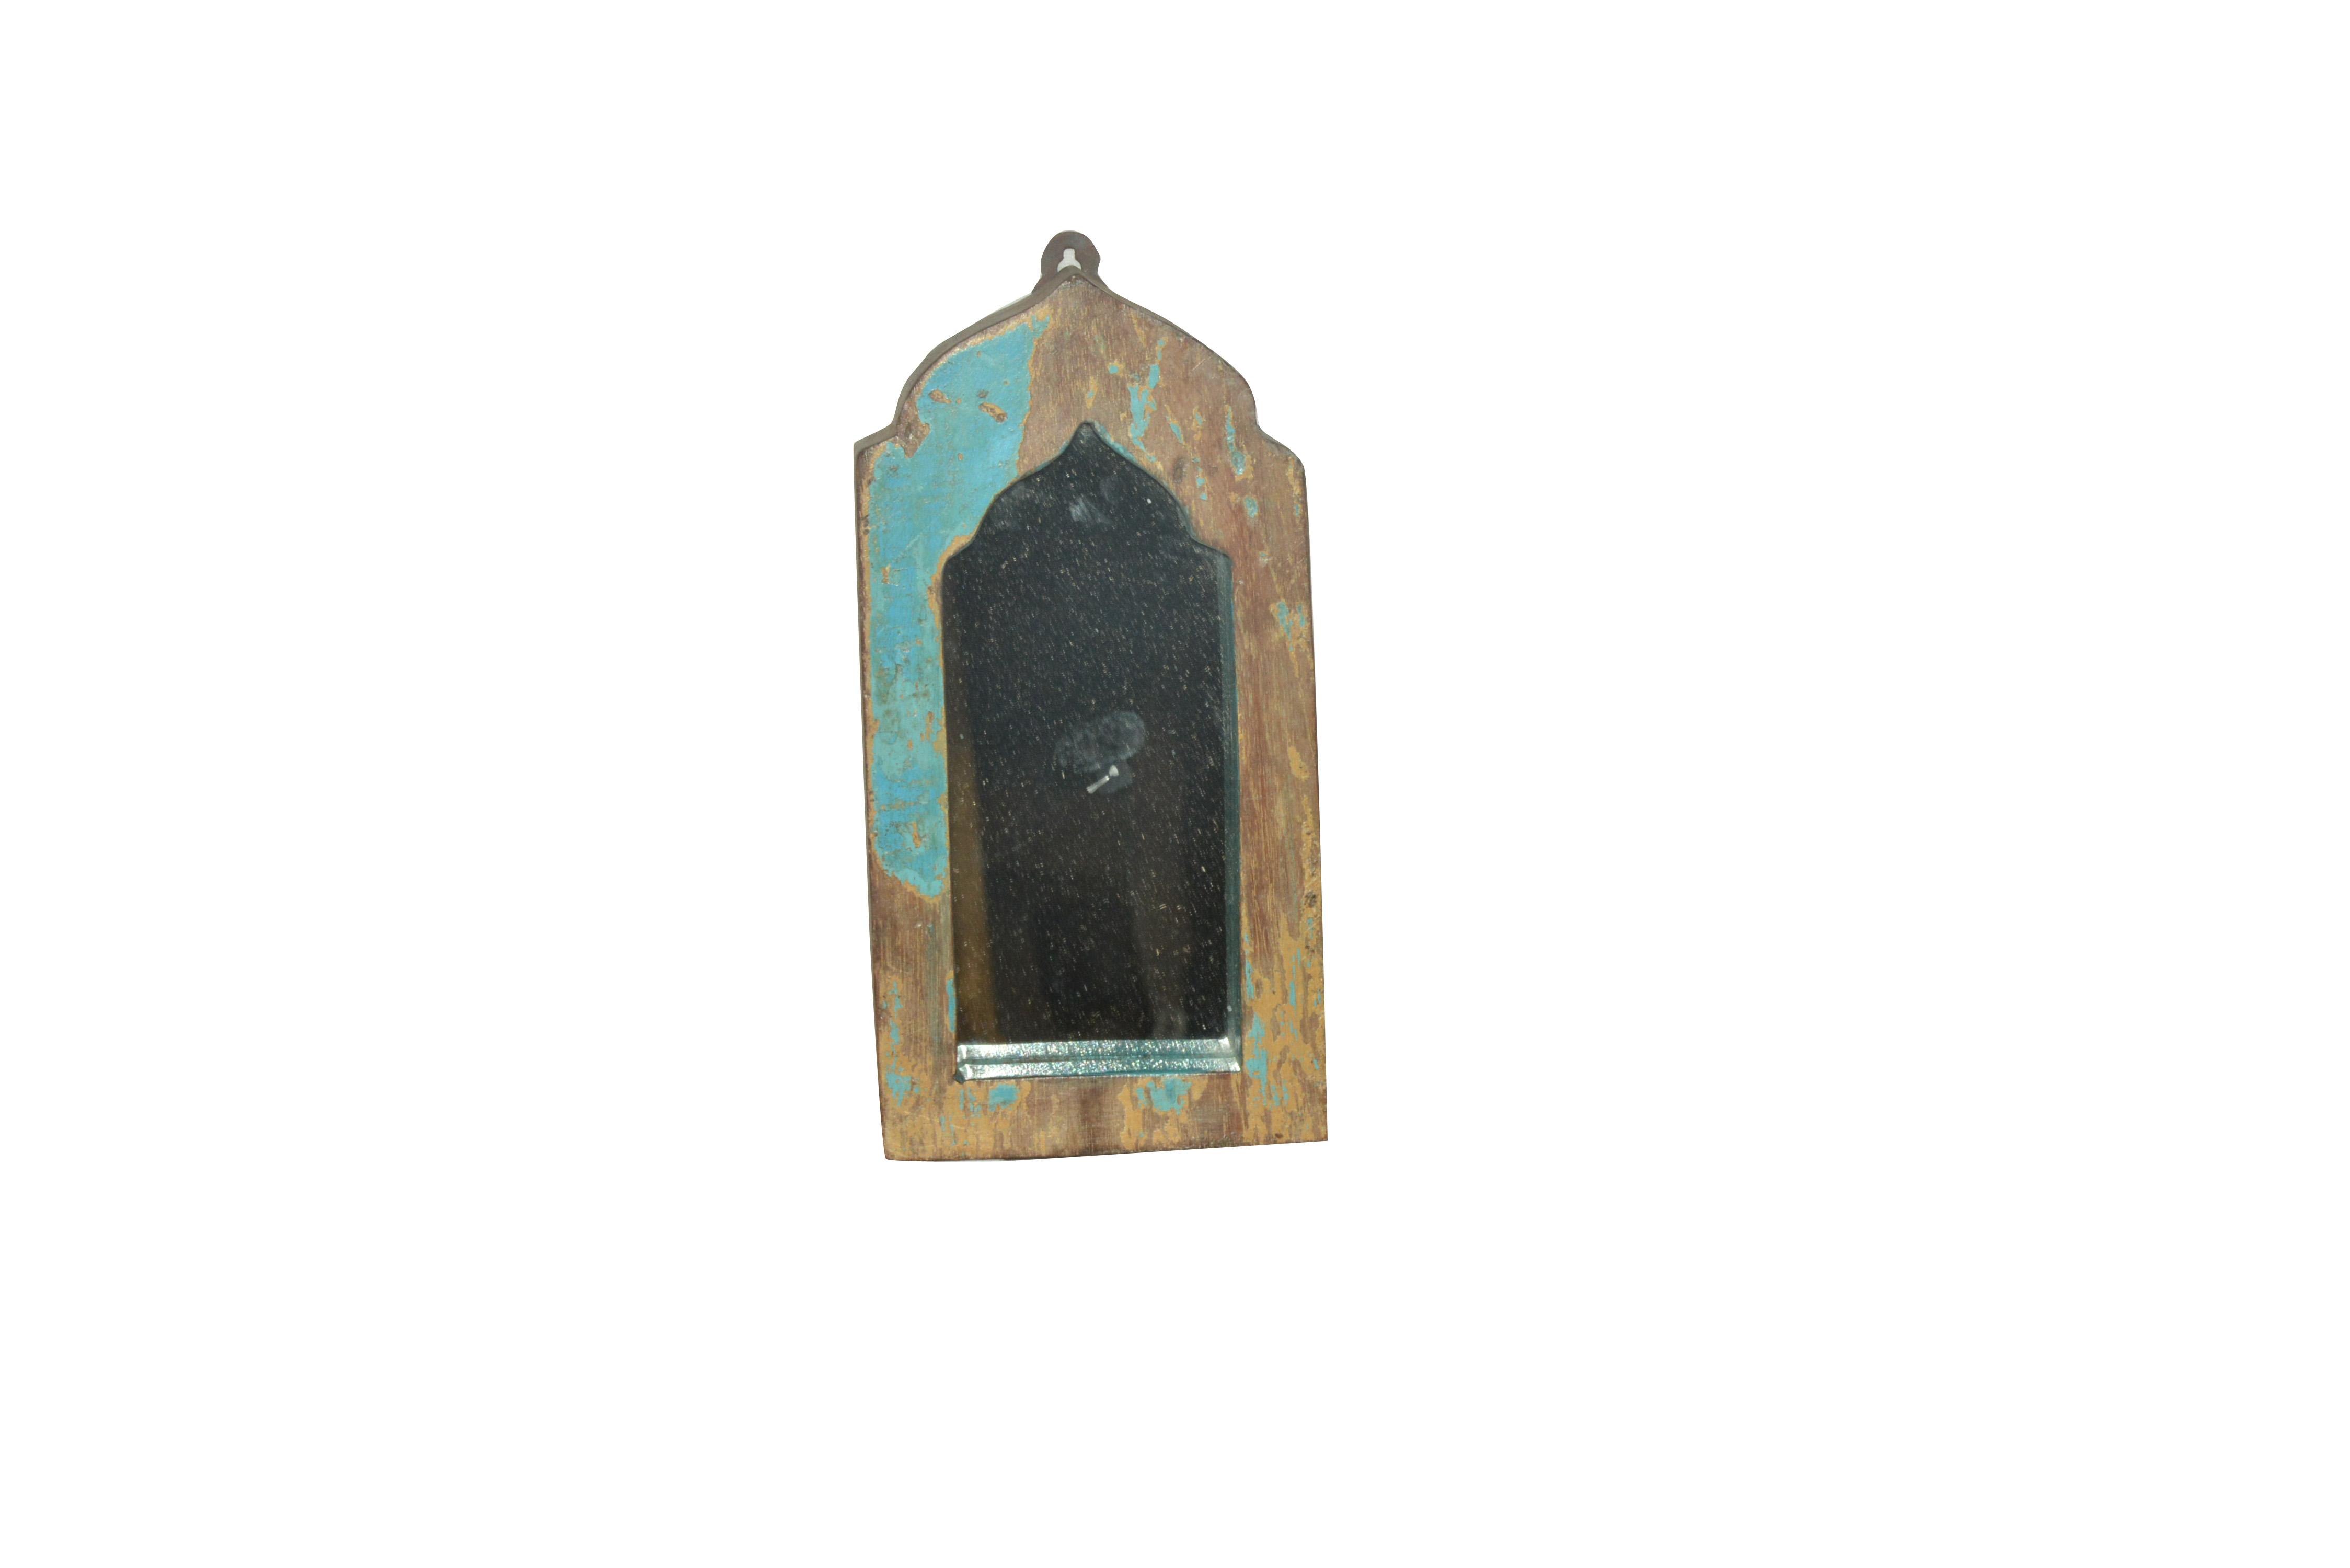 ANJO1749 - AVERAGE 10 x 2 x 15 cm